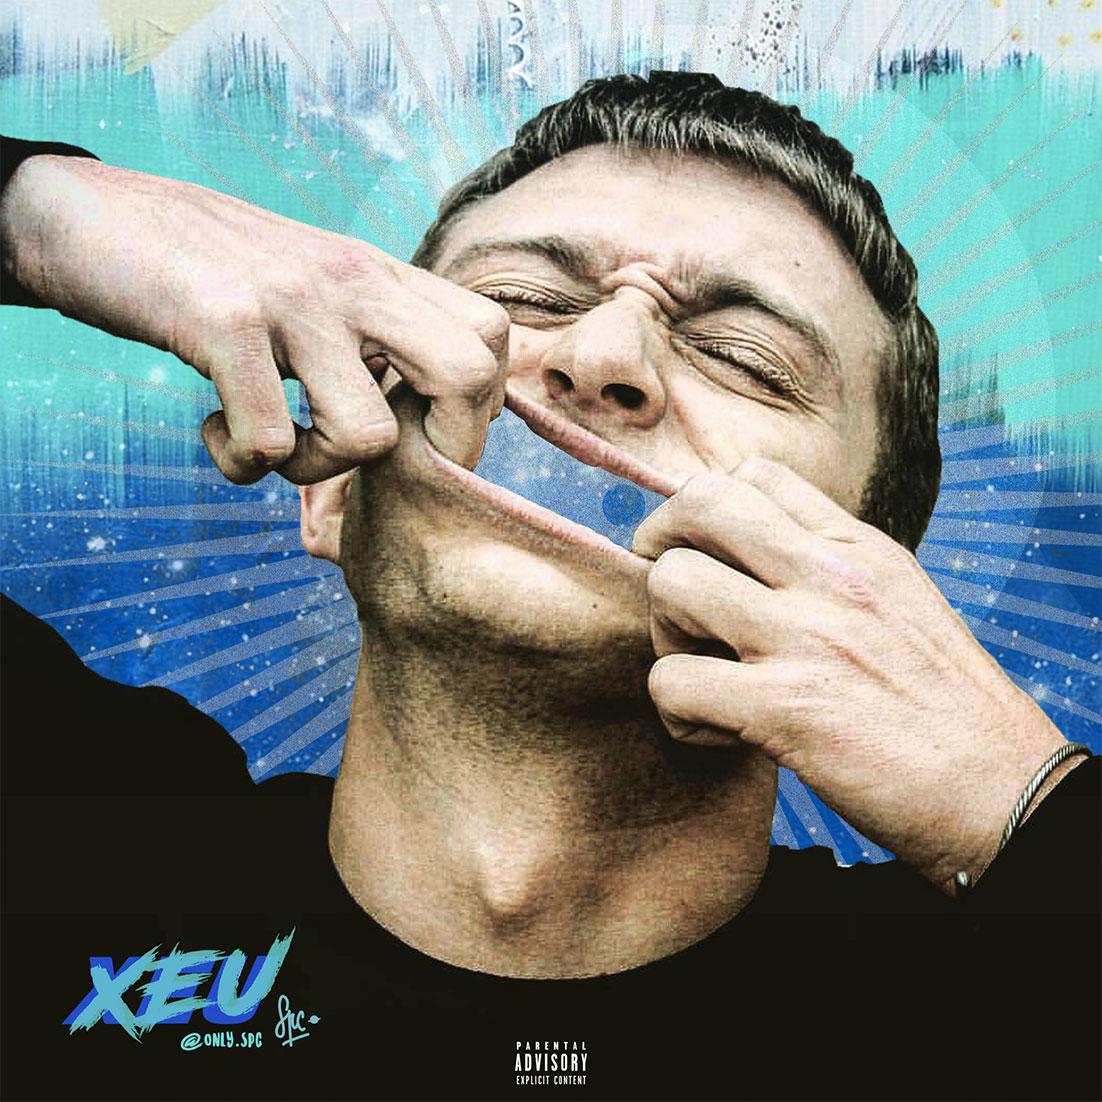 """Vald cover fans rap creation musique xeu portrait - Les meilleures pochettes réalisées pour """"XEU"""", le nouvel album de Vald"""